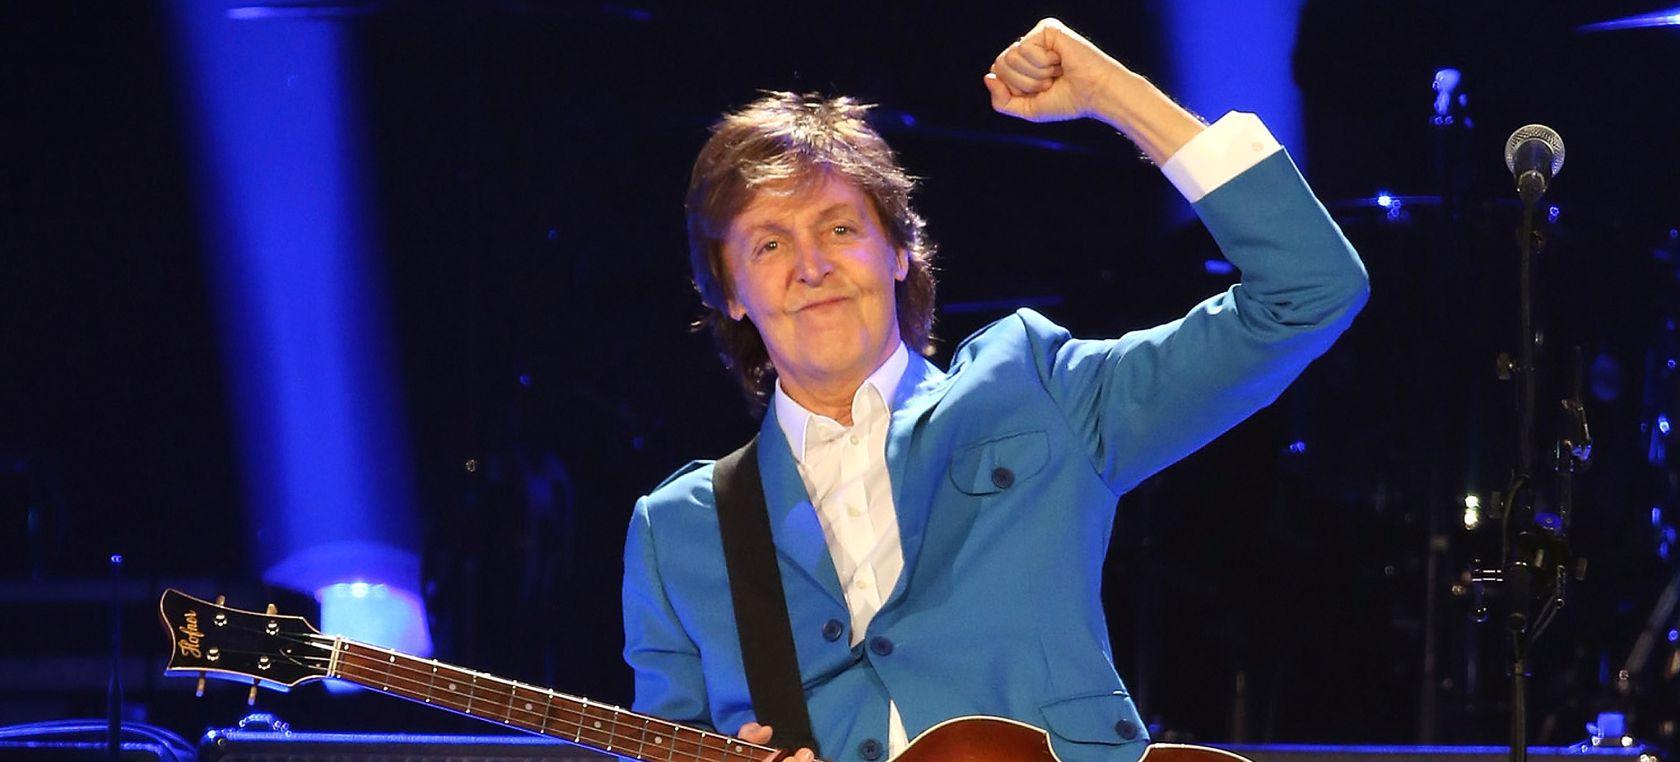 ¡Aquí los afortunados ganadores de los boletos de Paul McCartney! #SirPaulXSopitas